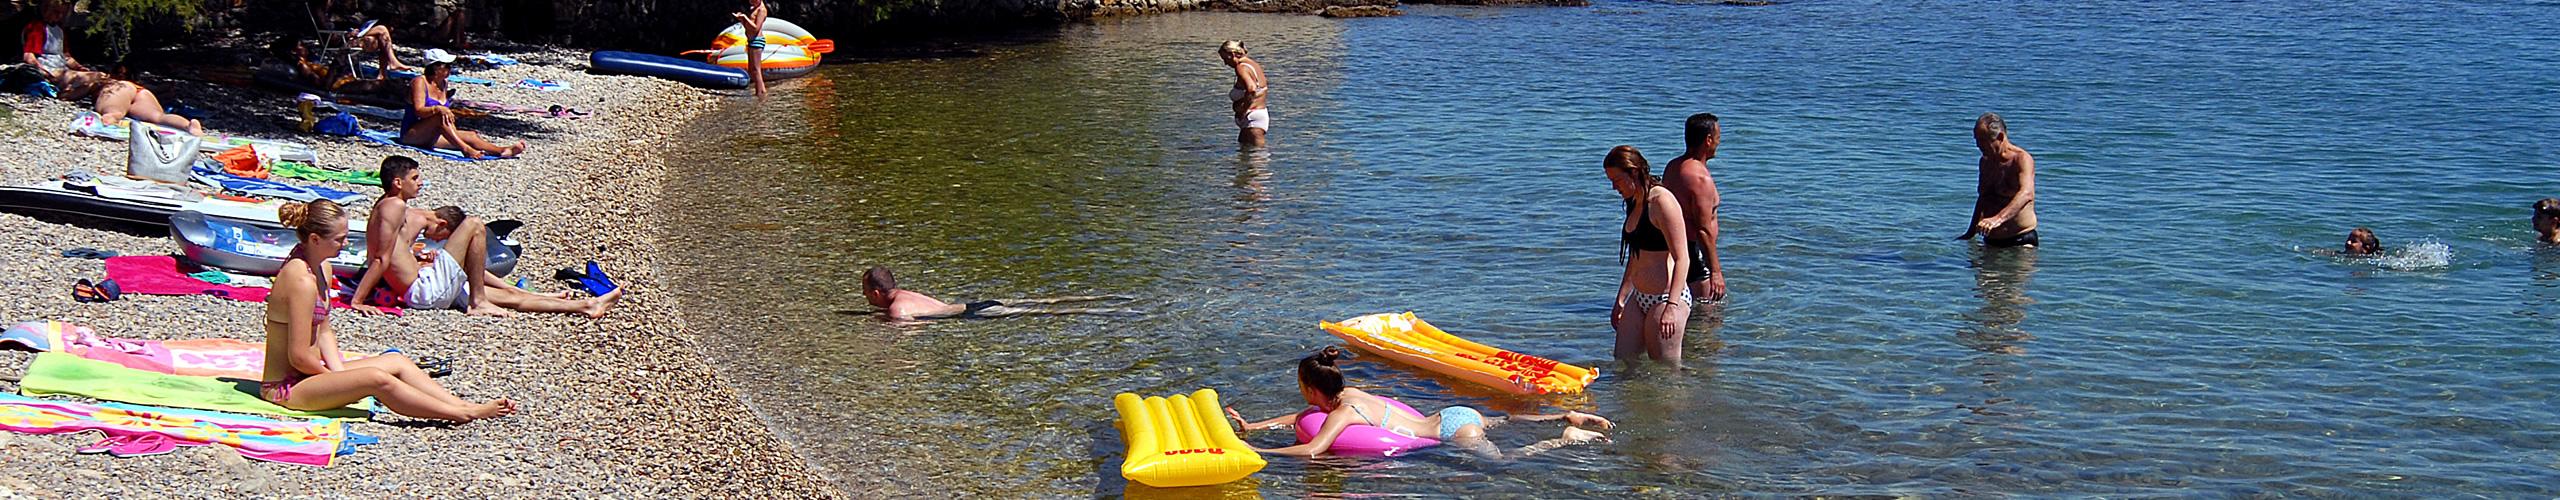 Plaže naše općine među najboljima su na Jadranskom moru